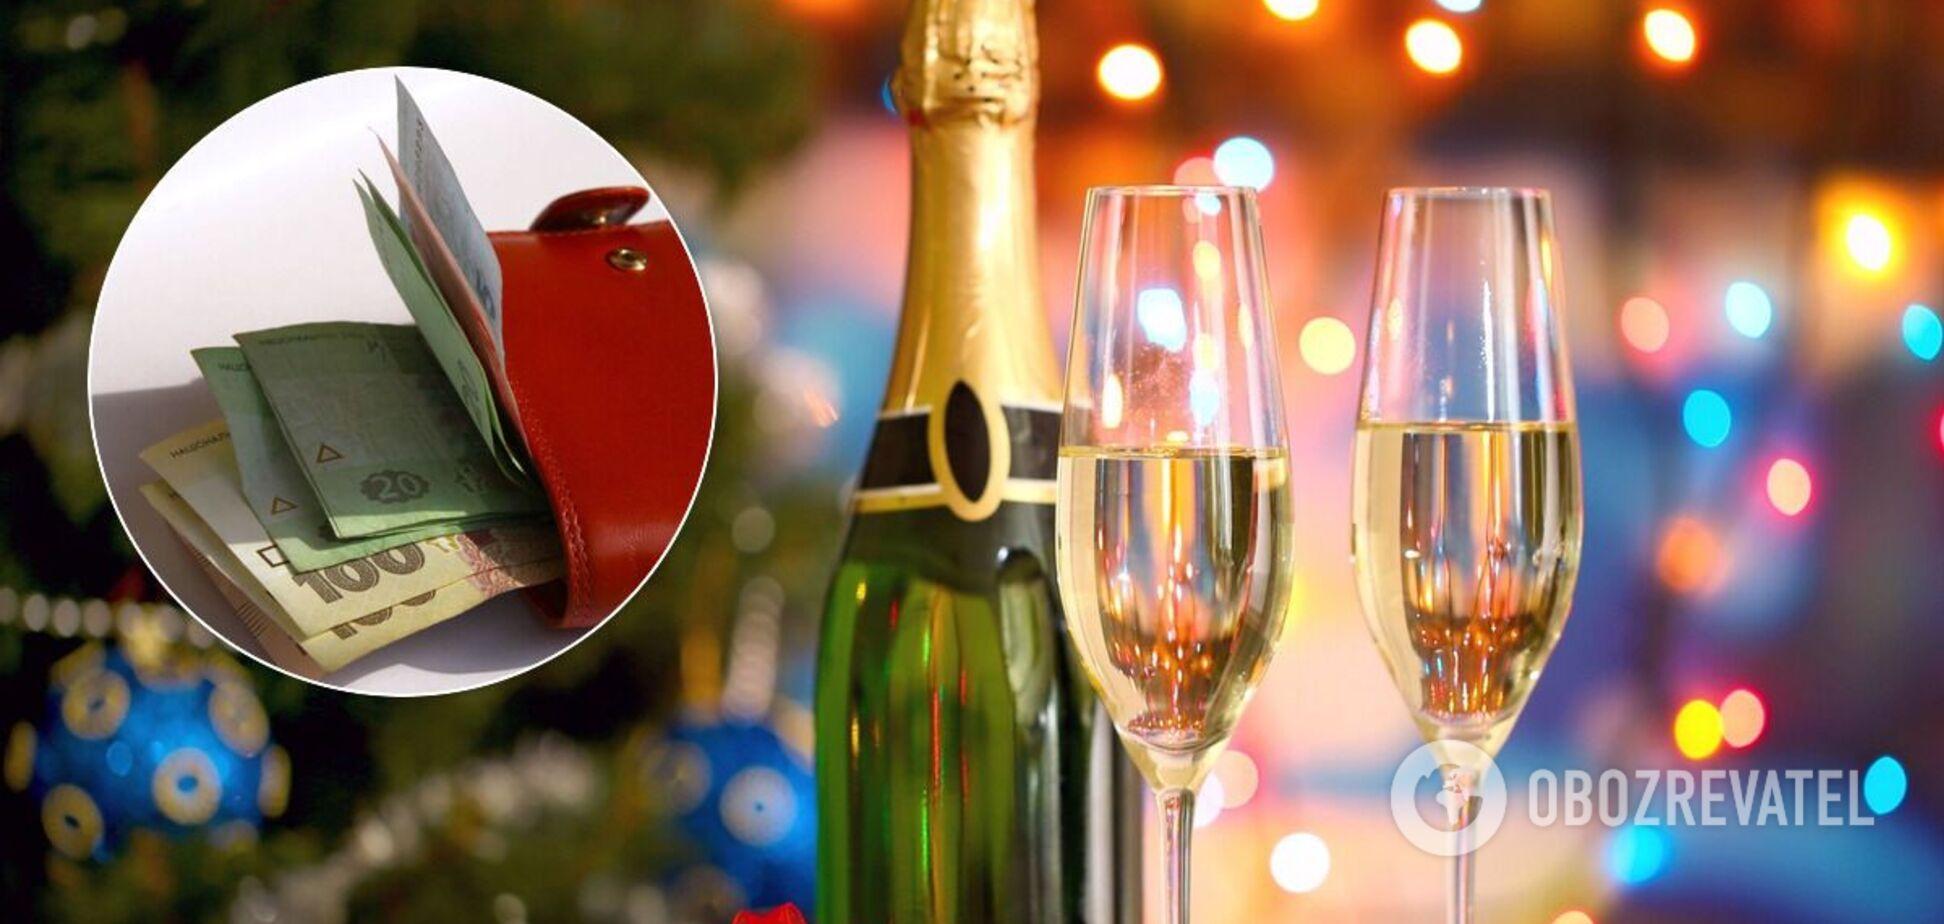 Сомельє назвав мінімальну ціну якісного шампанського